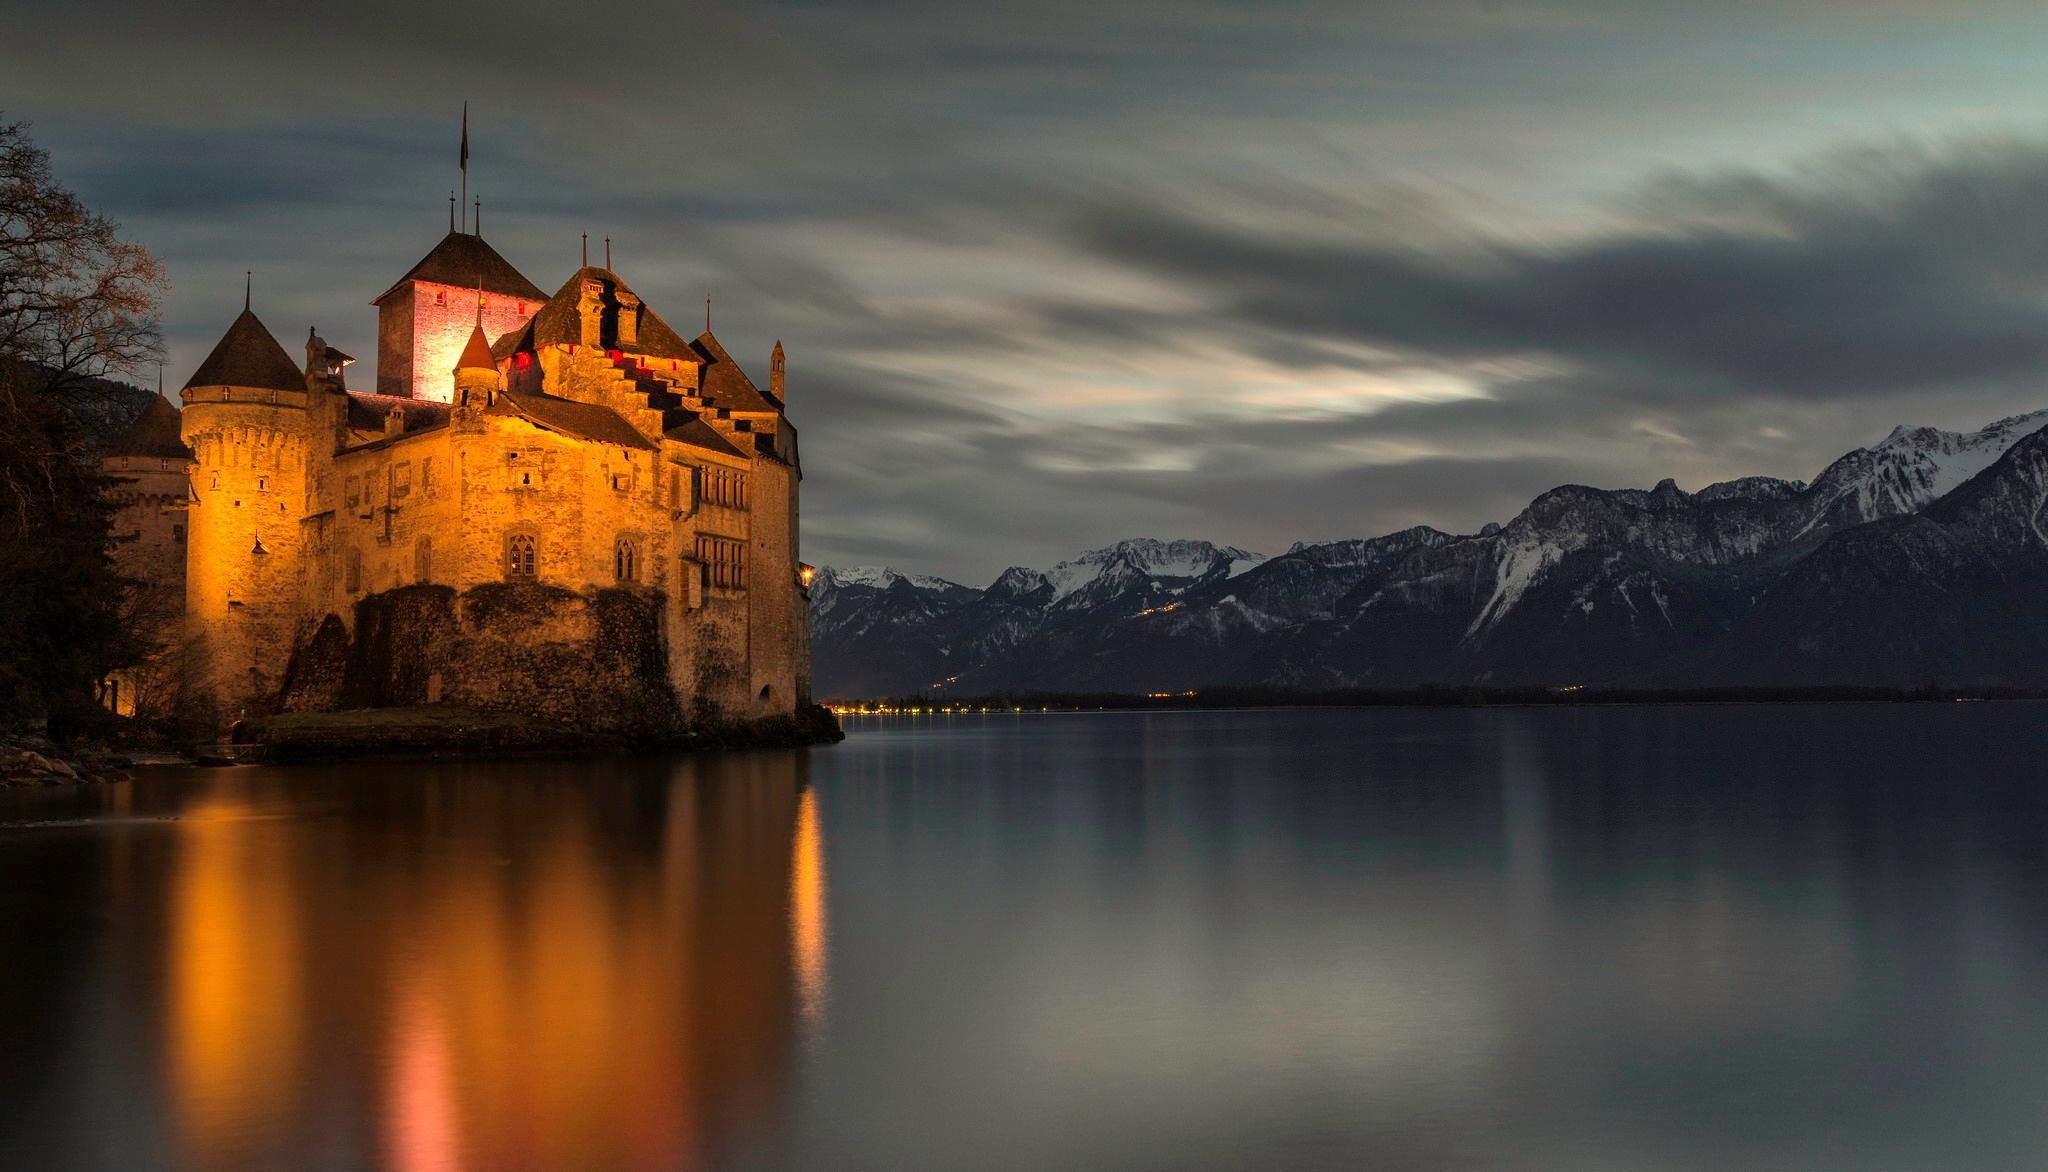 Замок швейцария вечер  № 2569366 бесплатно